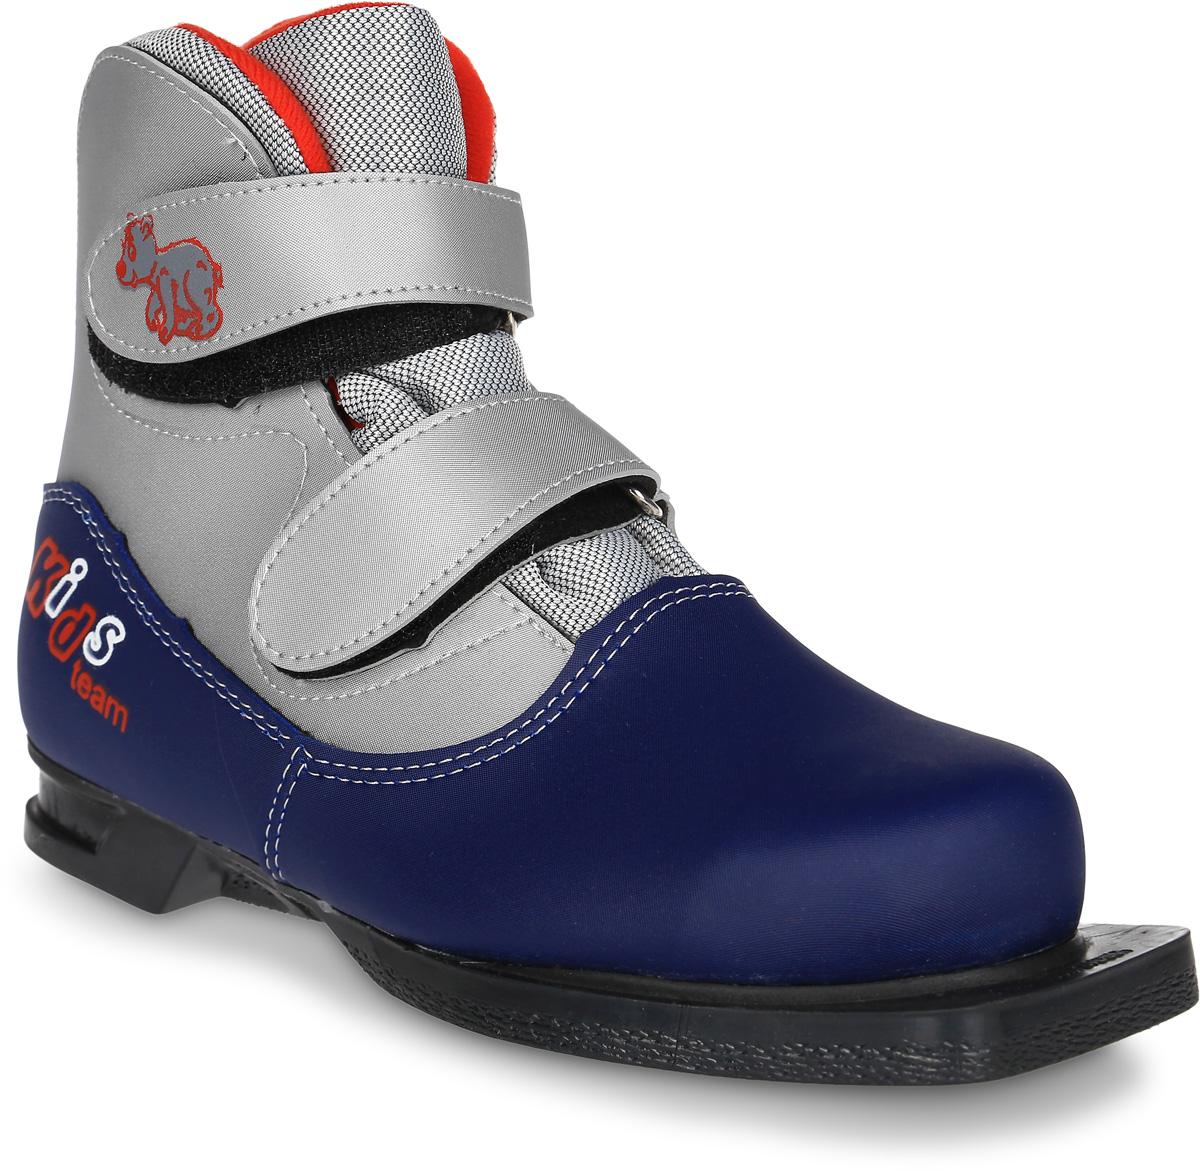 Ботинки лыжные детские Marax, цвет: синий, серебристый. NN75. Размер 35NN75 KidsЛыжные детские ботинки Marax предназначены для активного отдыха. Модель изготовлена из морозостойкой искусственной кожи и текстиля. Подкладка выполнена из искусственного меха и флиса, благодаря чему ваши ноги всегда будут в тепле. Шерстяная стелька комфортна при беге. Вставка на заднике обеспечивает дополнительную жесткость, позволяя дольше сохранять первоначальную форму ботинка и предотвращать натирание стопы. Ботинки снабжены удобными застежками-липучками, которые надежно фиксируют модель на ноге и регулируют объем, а также язычком-клапаном, который защищает от попадания снега и влаги. Подошва системы 75 мм из двухкомпонентной резины, является надежной и весьма простой системой крепежа и позволяет безбоязненно использовать ботинок до -30°С. В таких лыжных ботинках вам будет комфортно и уютно.Как выбрать лыжи ребёнку. Статья OZON Гид